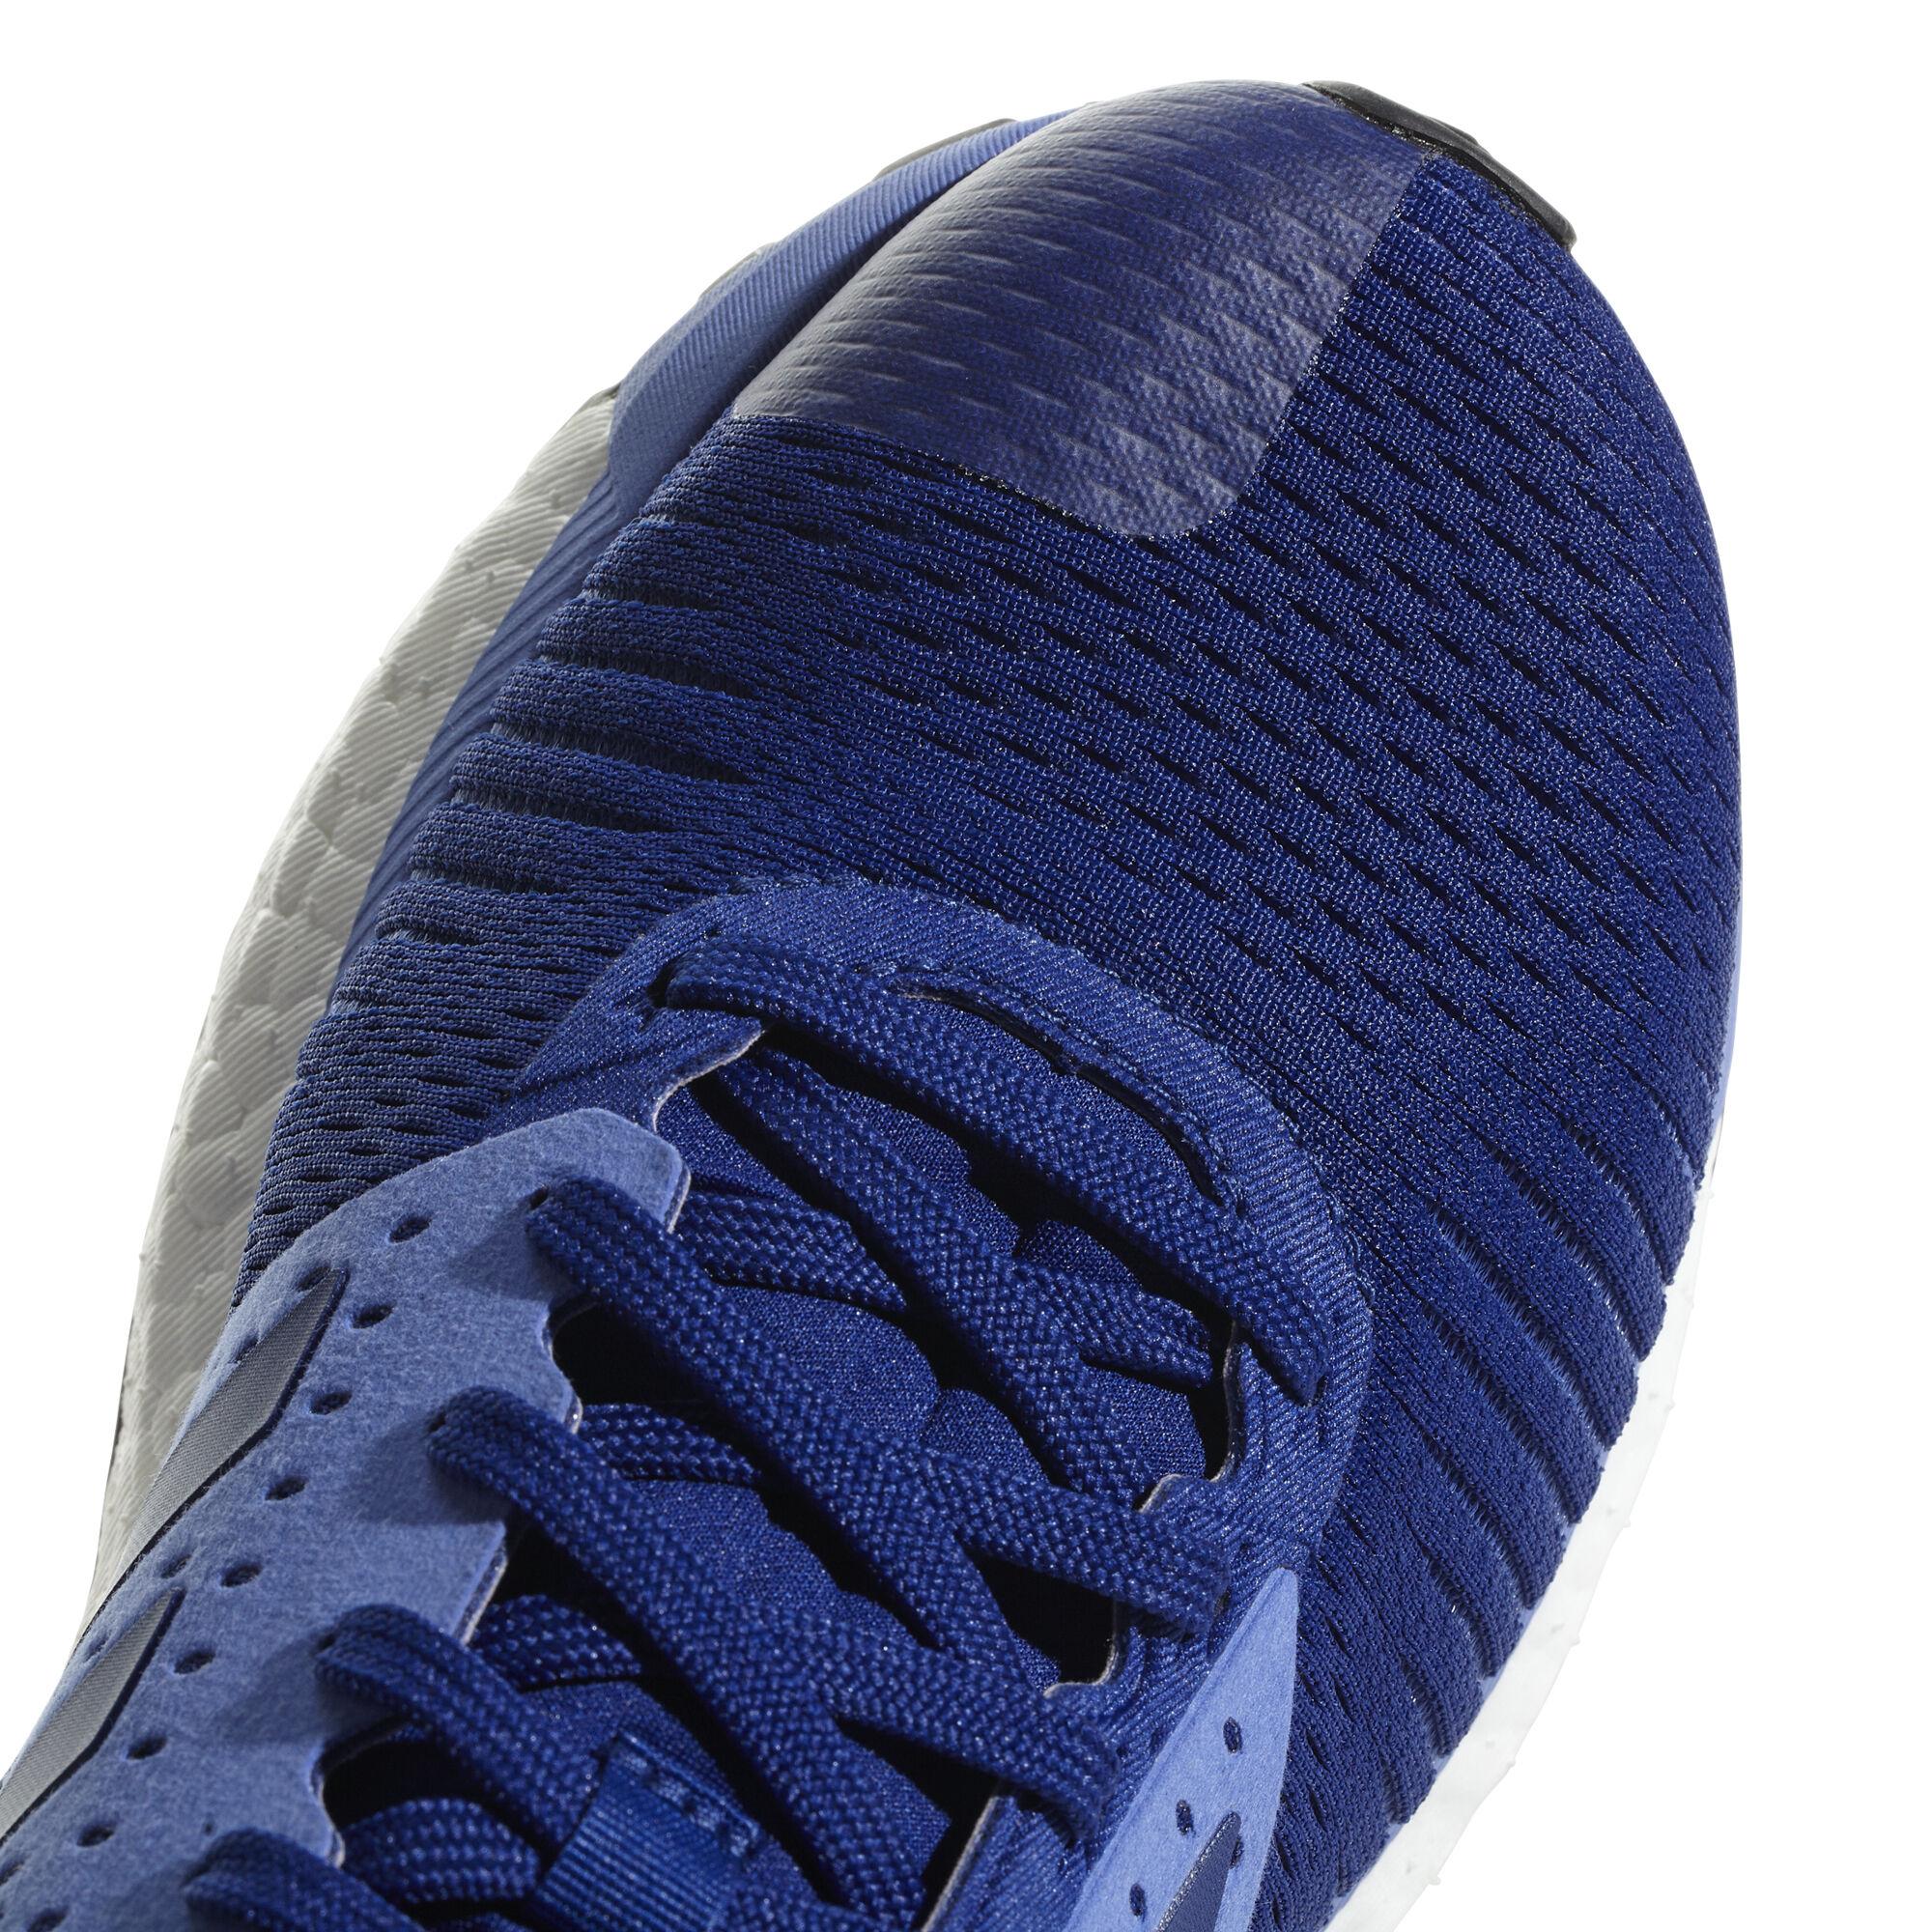 online store 9025b da56d ... adidas · adidas · adidas · adidas. Solar Glide ST ...